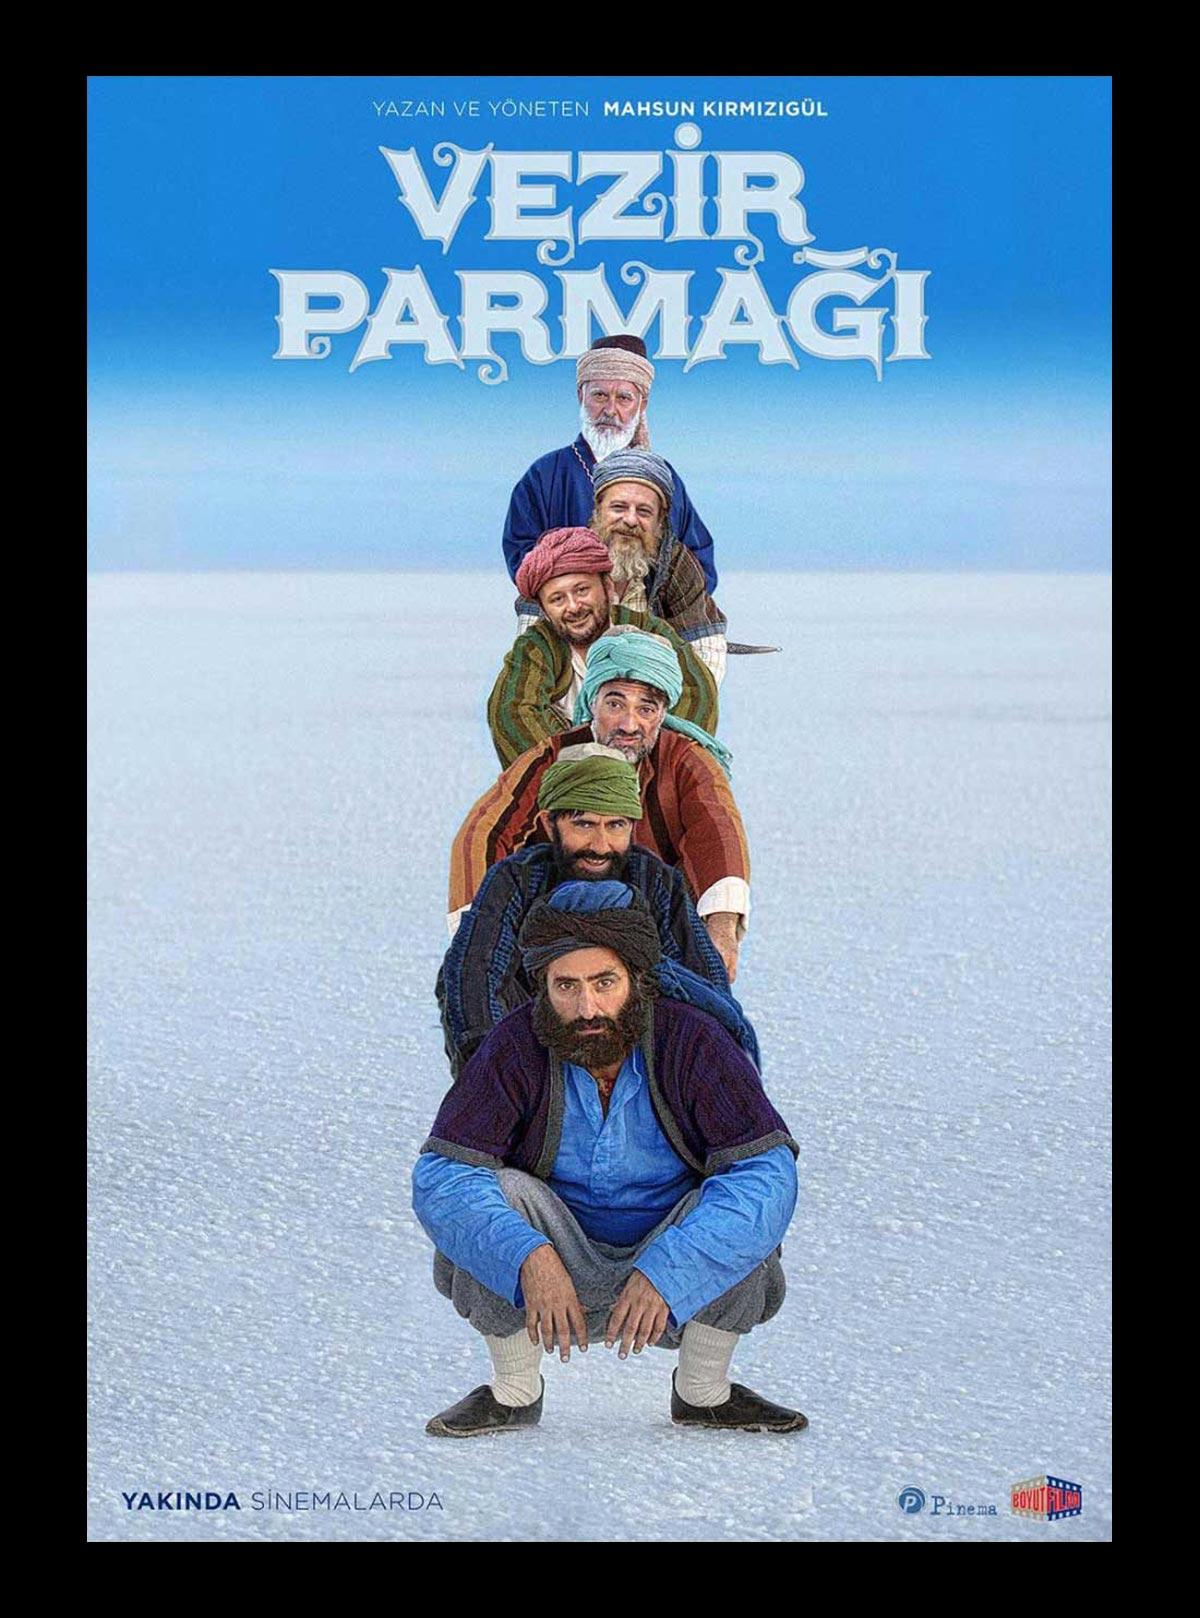 vezir-parmagi-teaser-d01